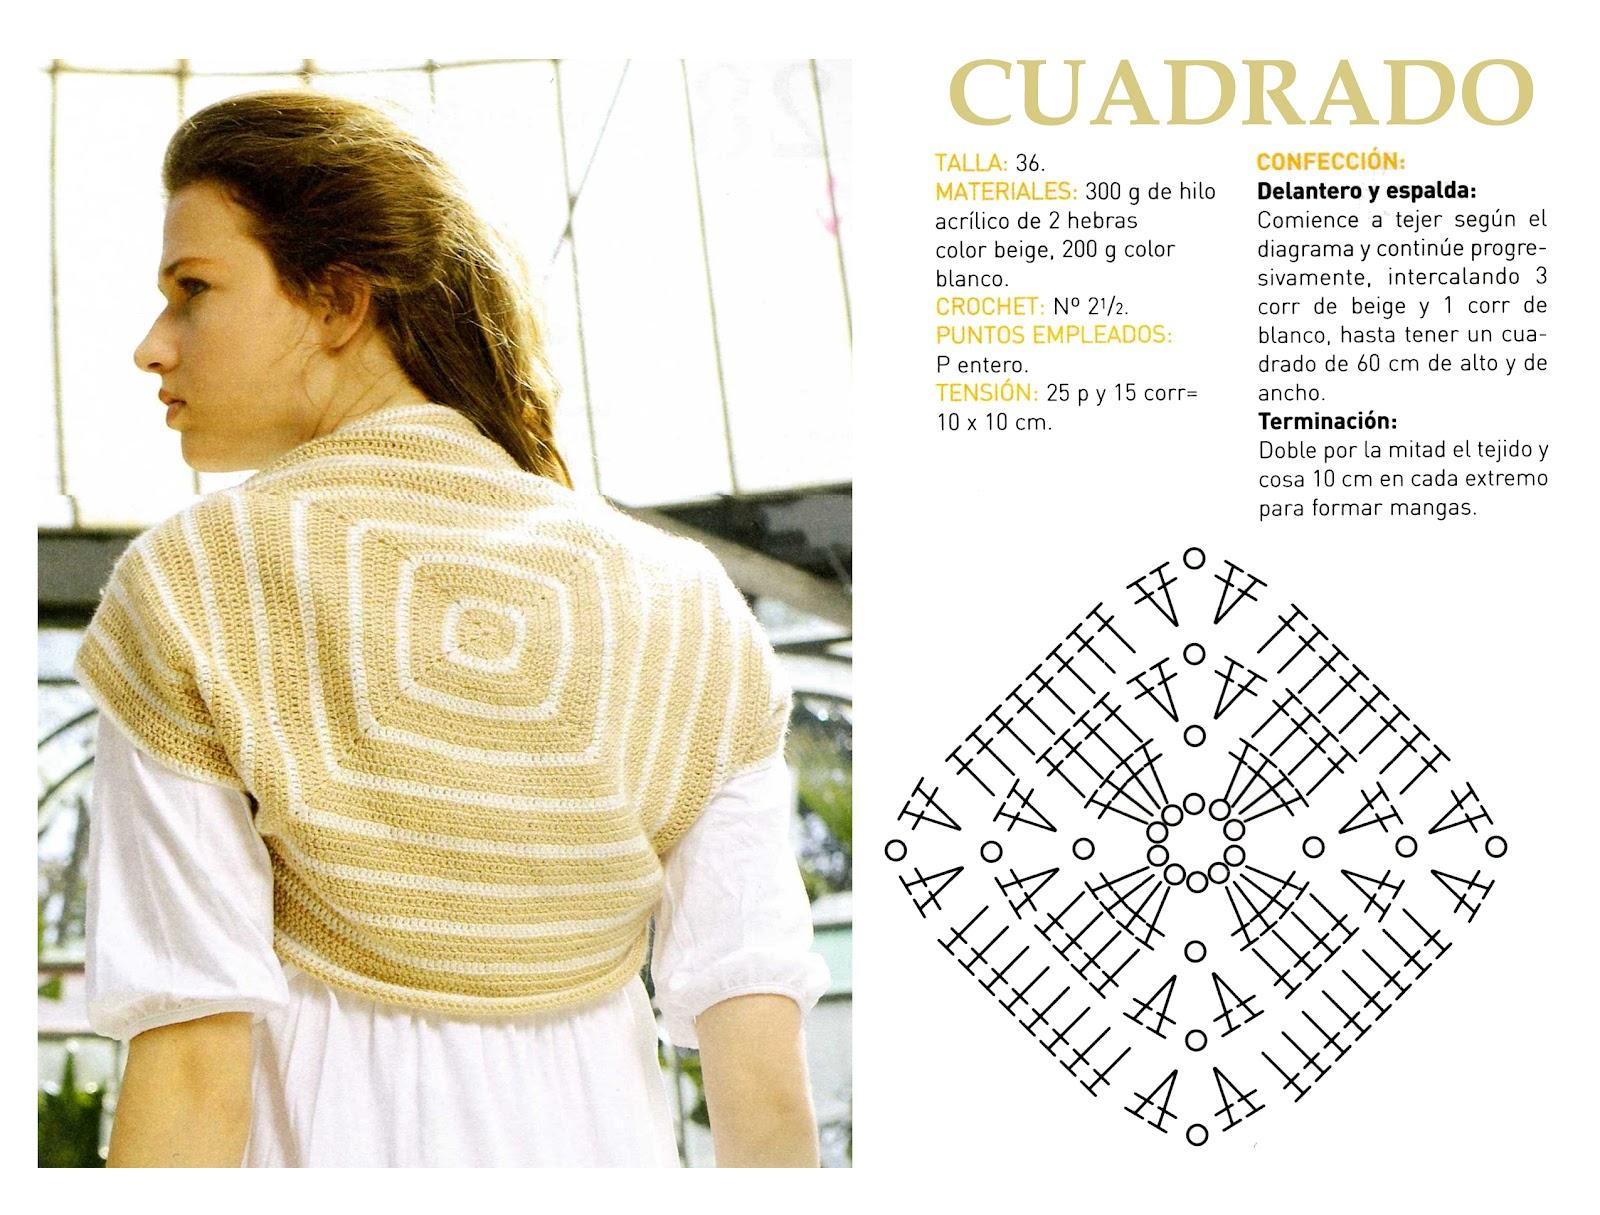 Chaleco Cuadrado de Crochet Patron - Patrones Crochet | Boleros ...